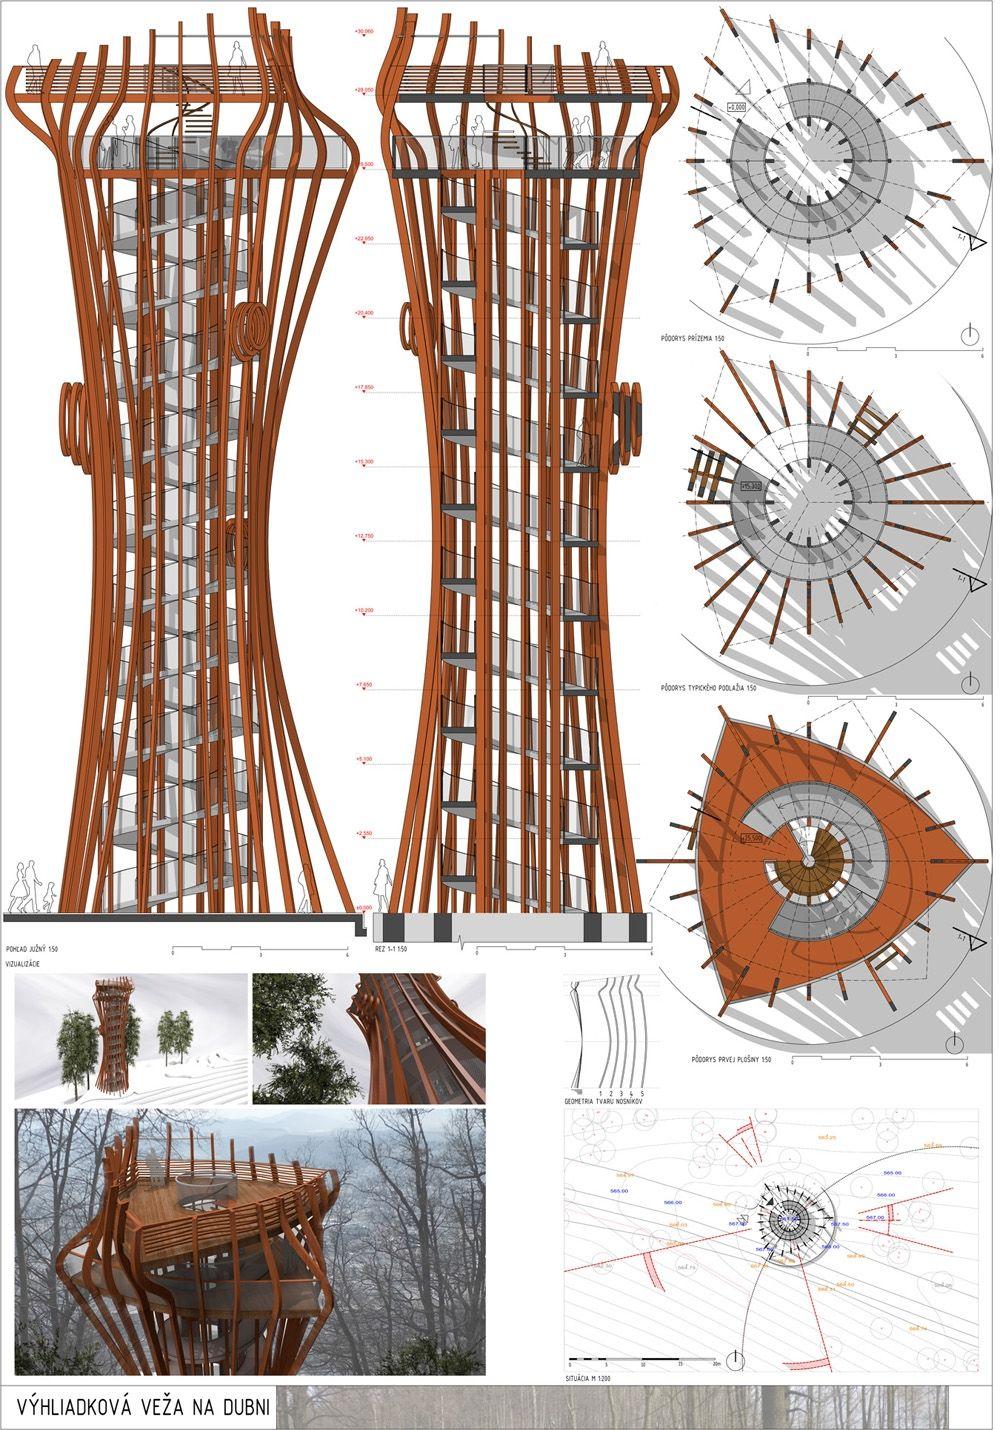 Súťažné návrhy Výhliadková veža na Dubni, foto 31